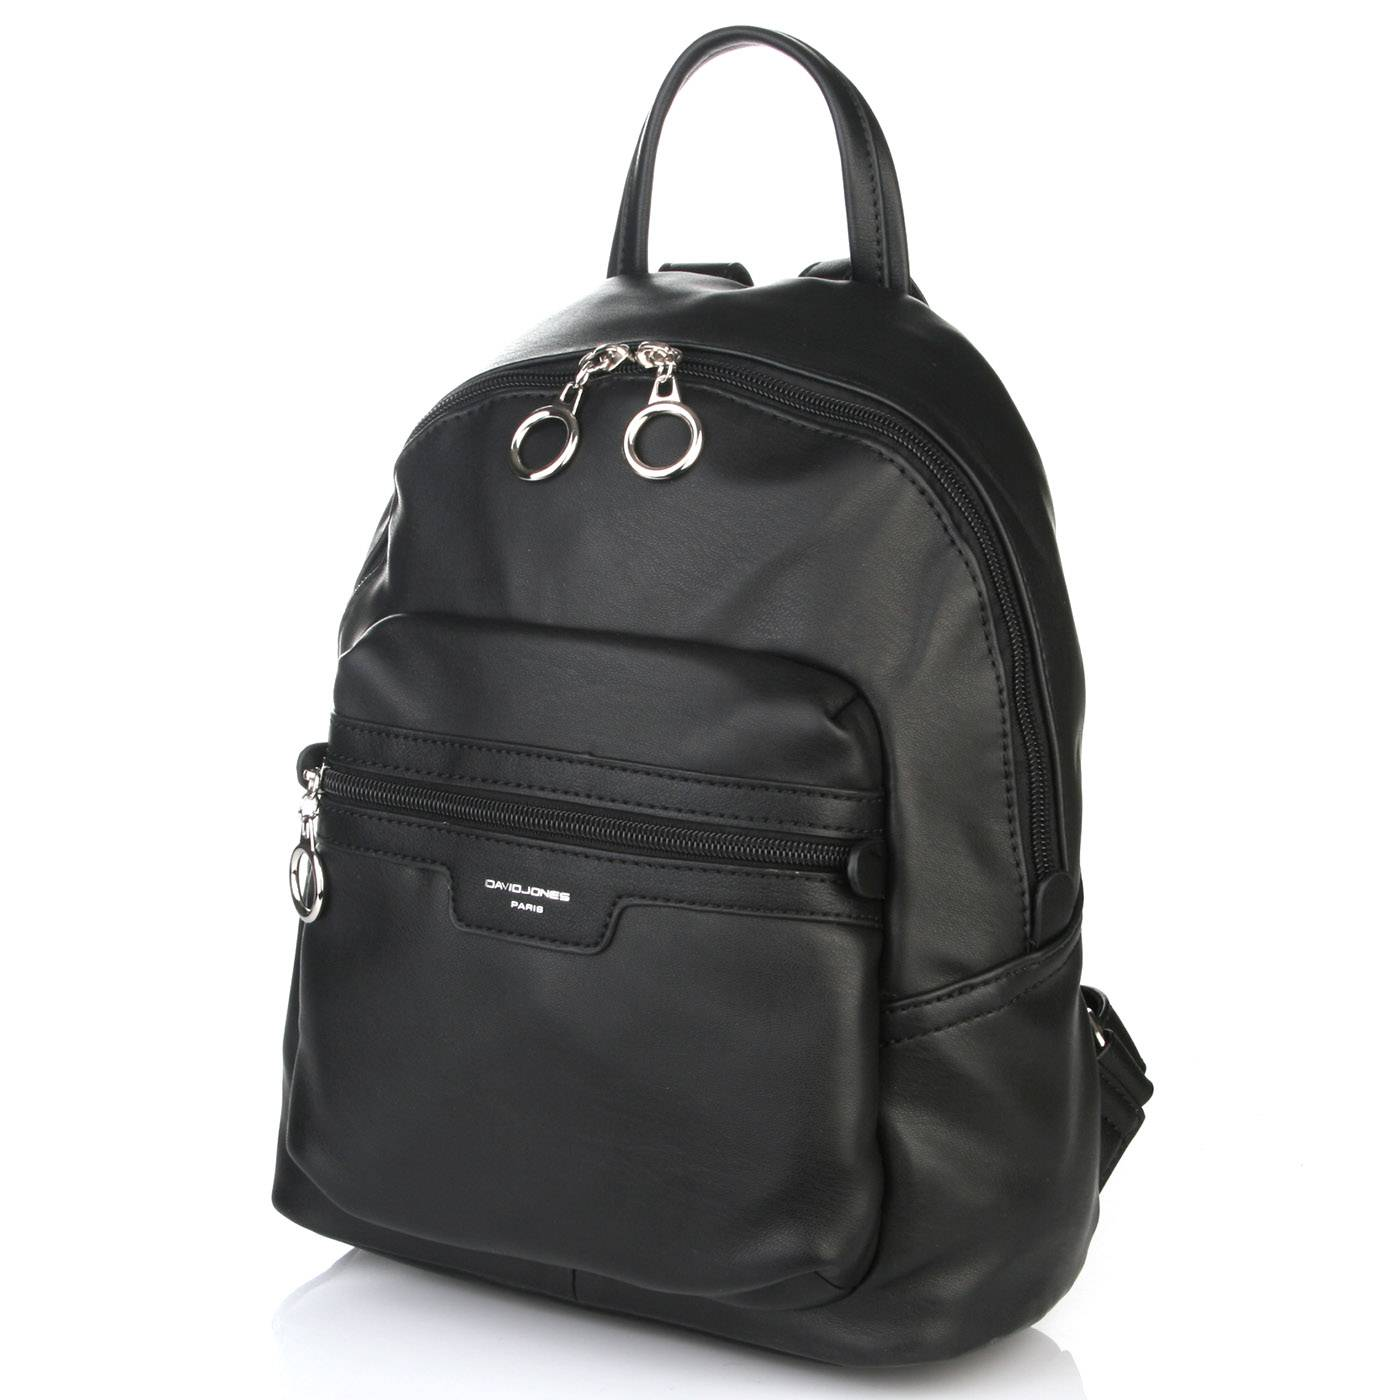 1cf479895279 Рюкзак женский David Jones 6110 Черный купить по выгодной цене в ...